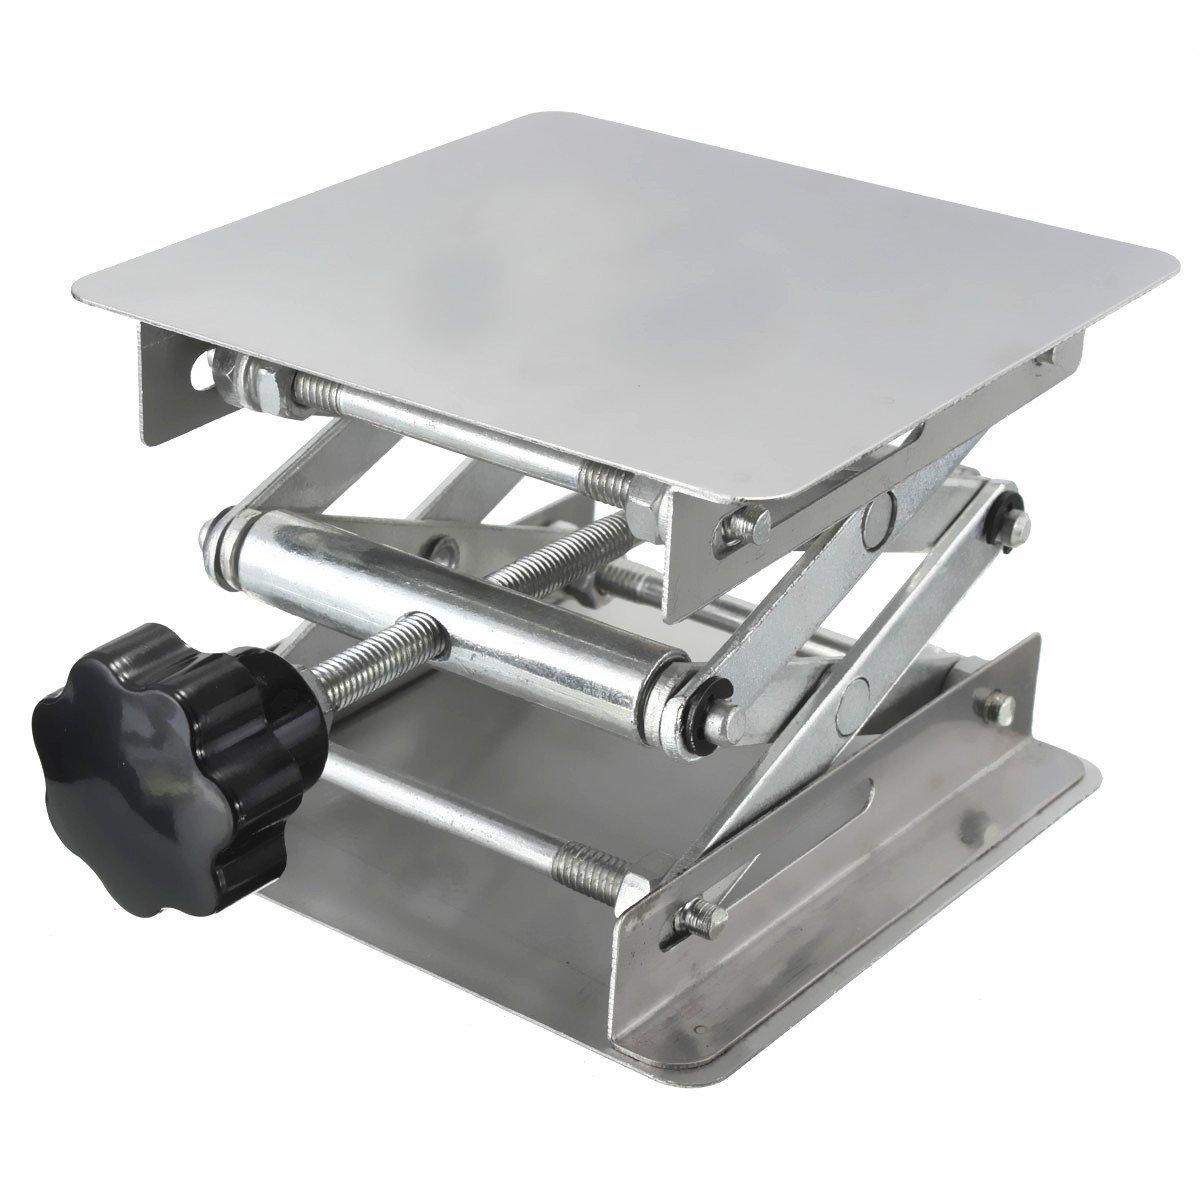 CLAKION Laboratory Lifts Platform Stand Manual Control 100X100X150mm